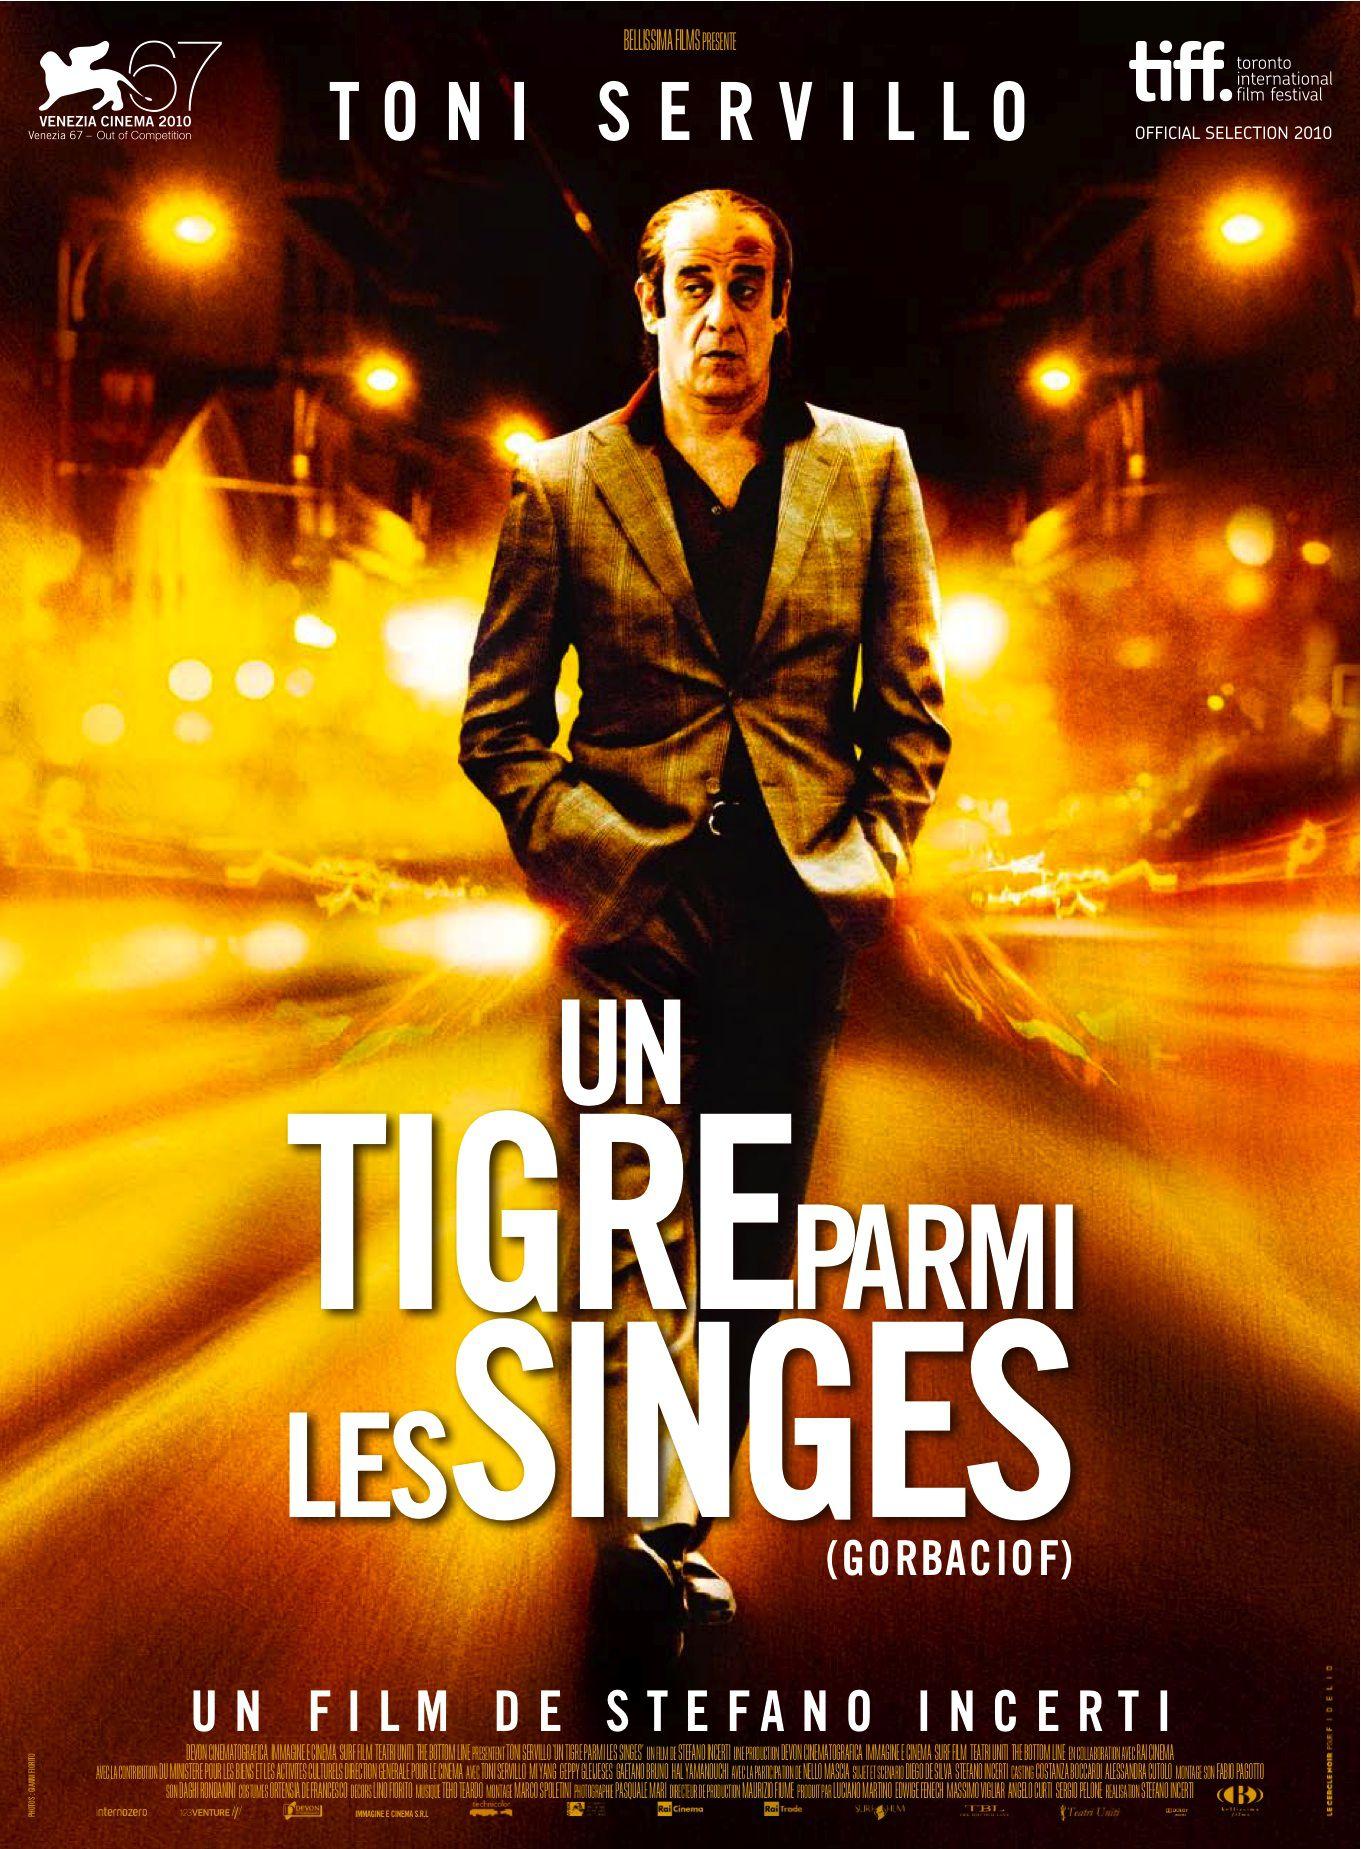 Un tigre parmi les singes - Film (2011)